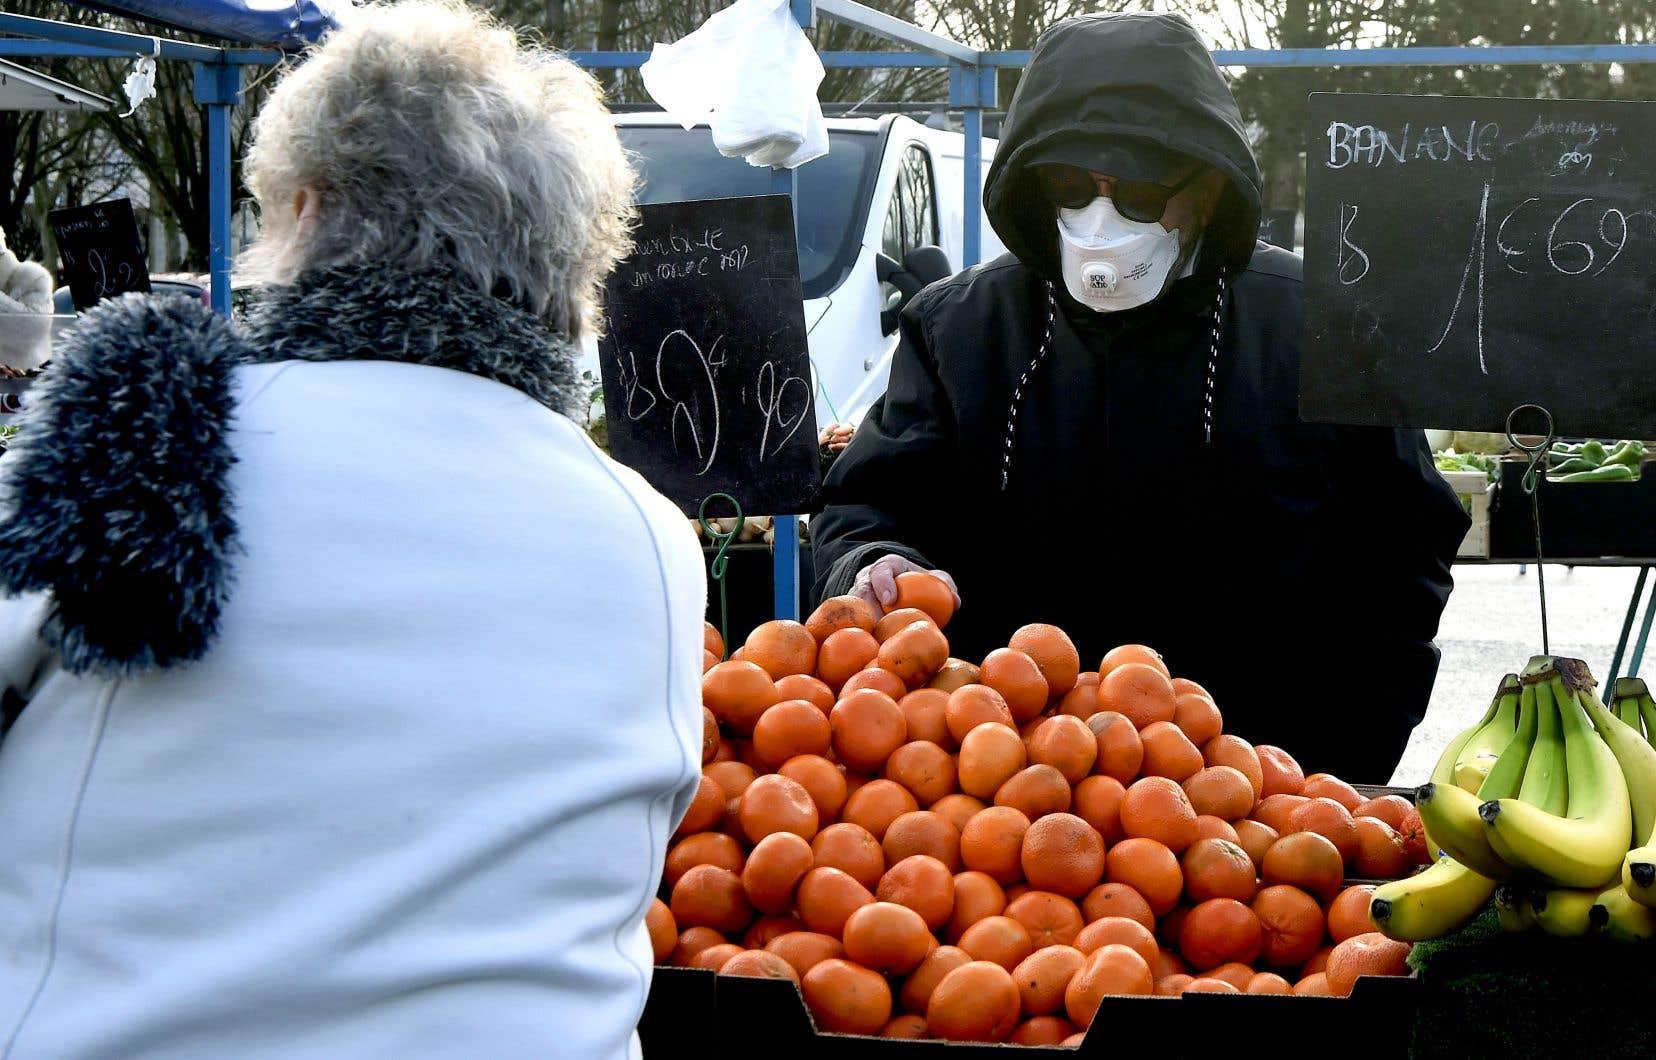 La France est devenue un nouveau foyer aigu de la contamination en Europe. Sur la photo, un homme portant un masque au marché public de Crépy-en-Valois